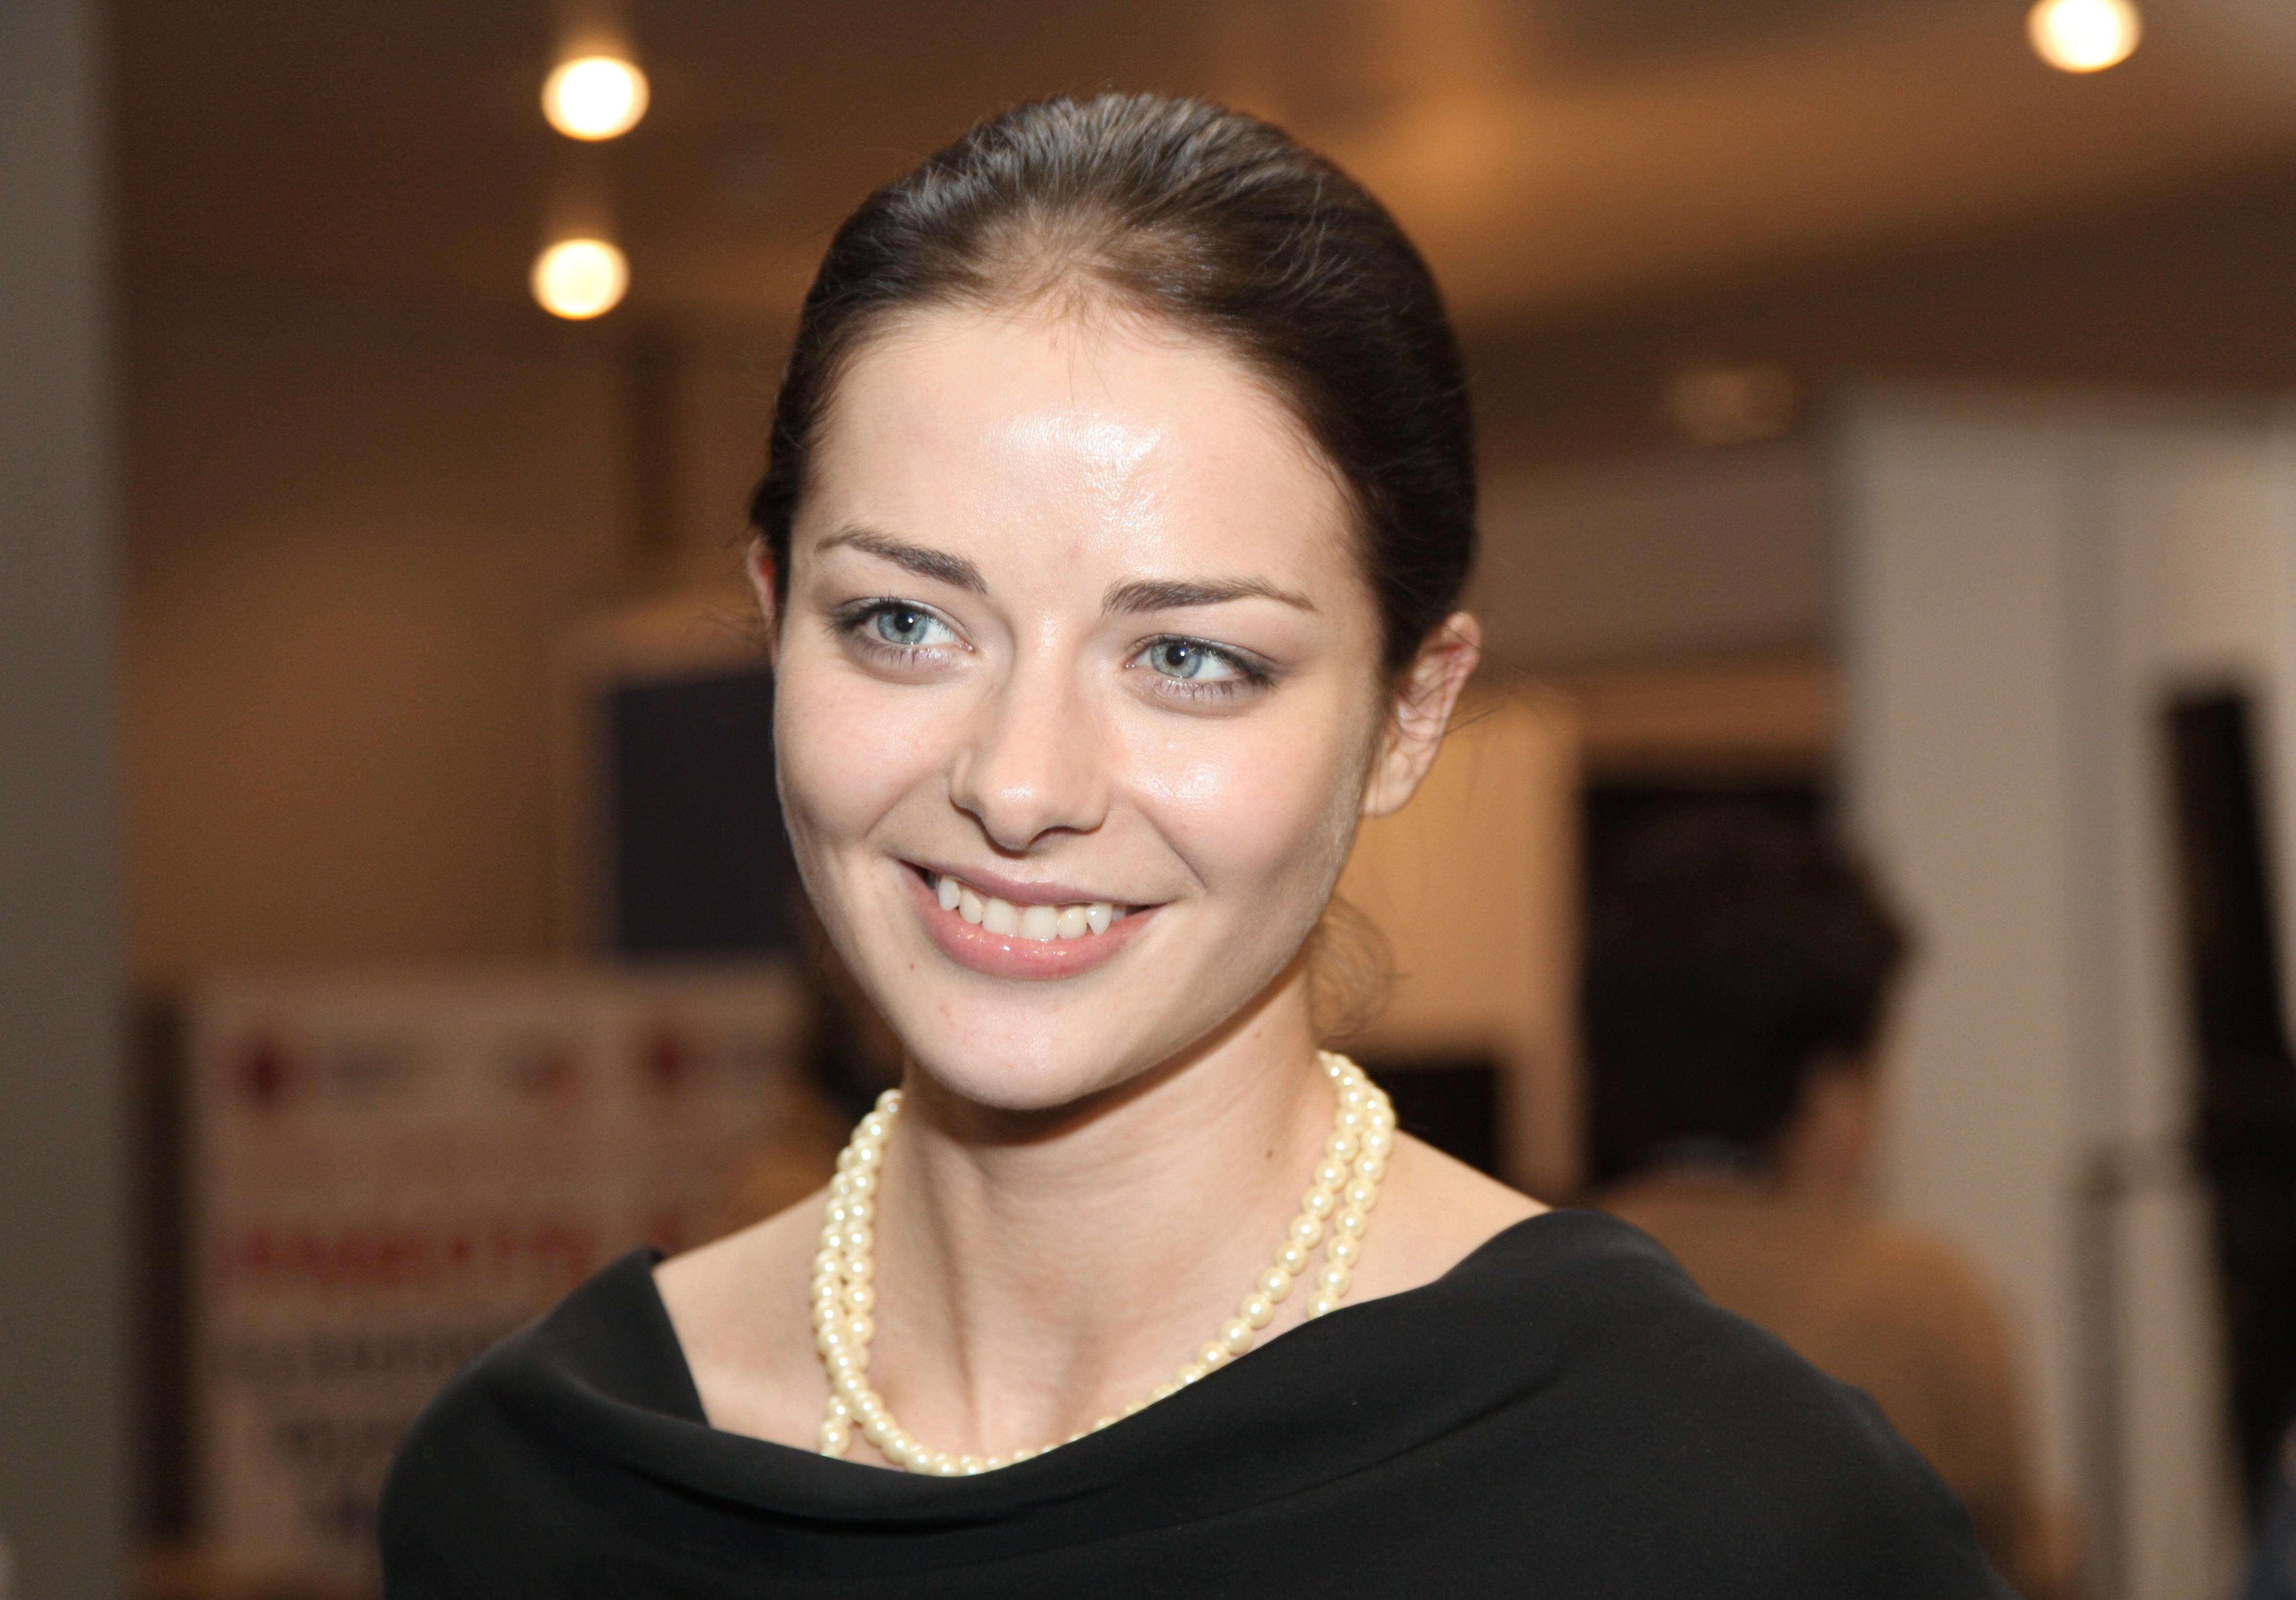 Марина Александрова родила второго ребенка